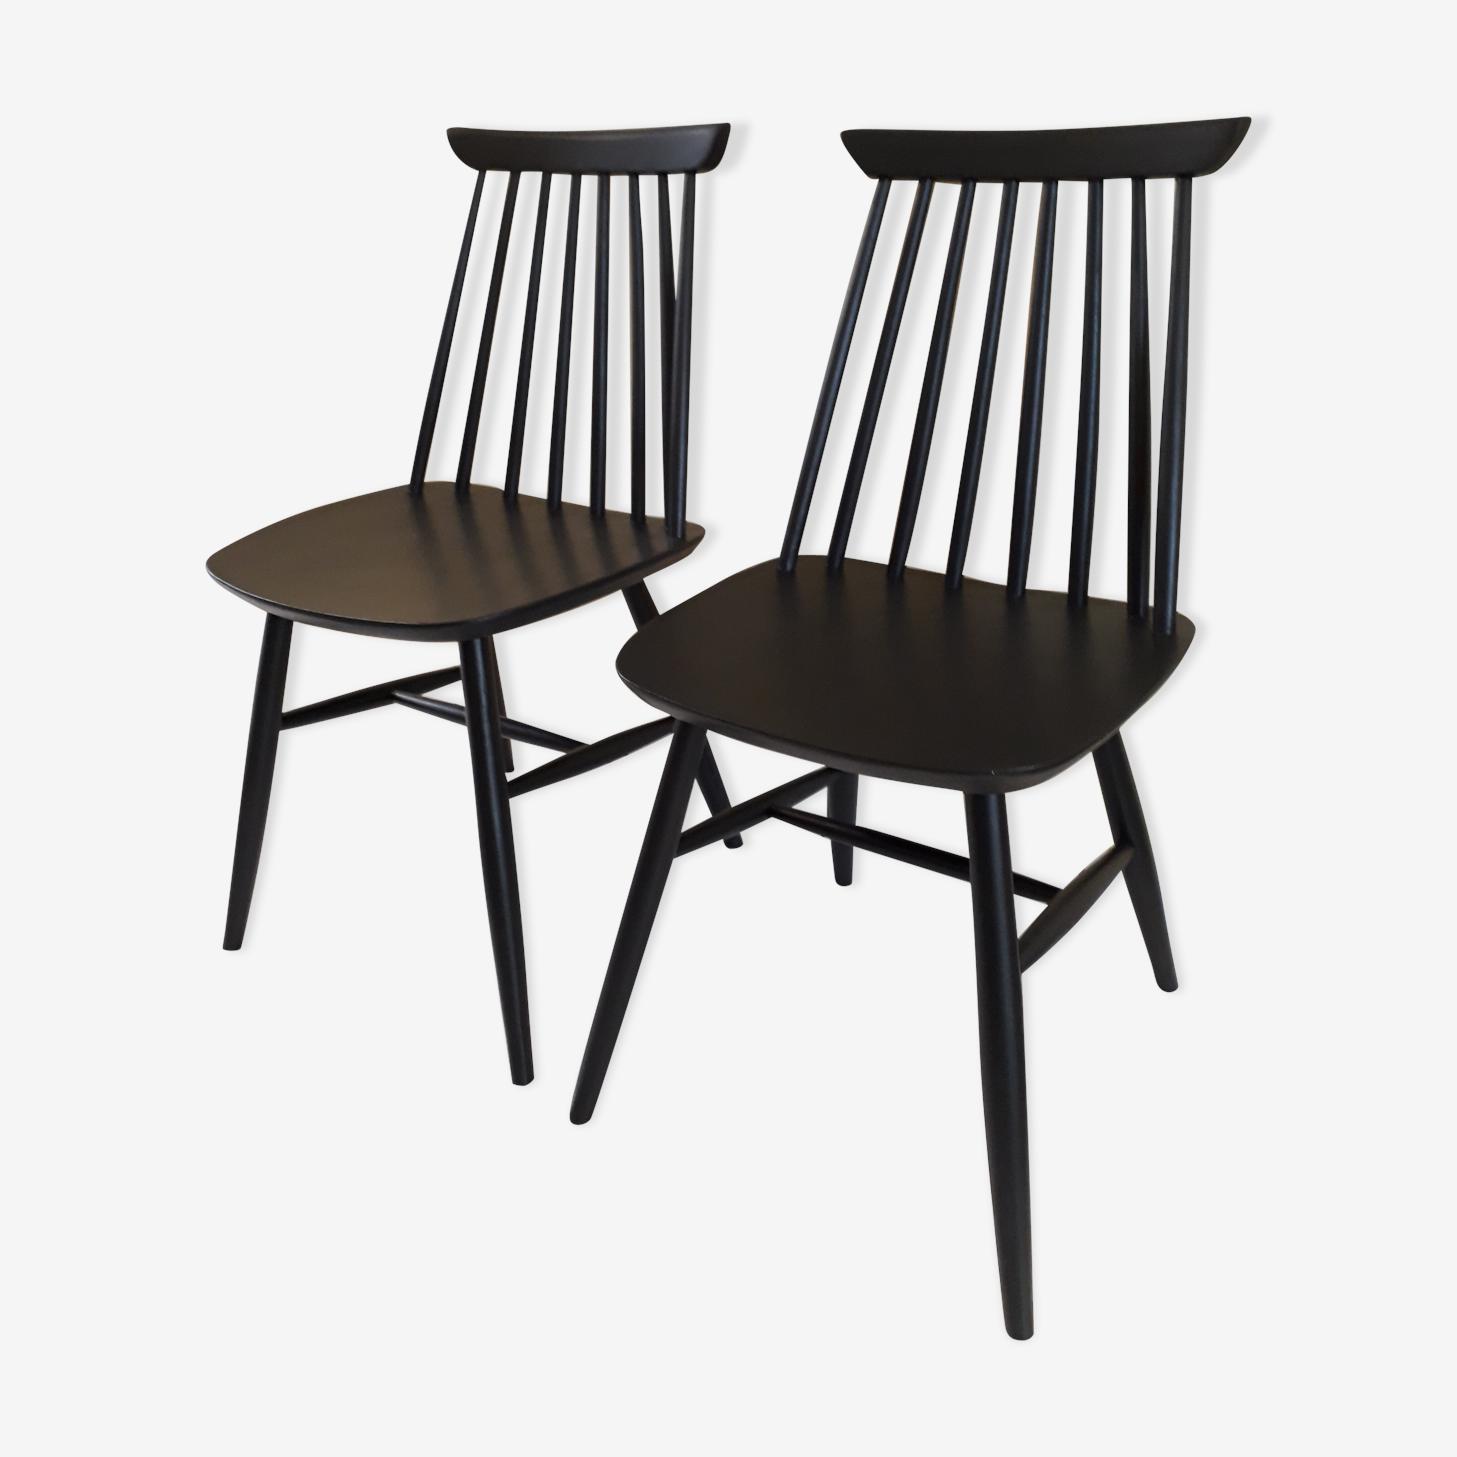 Pair of Scandinavian chairs 1950